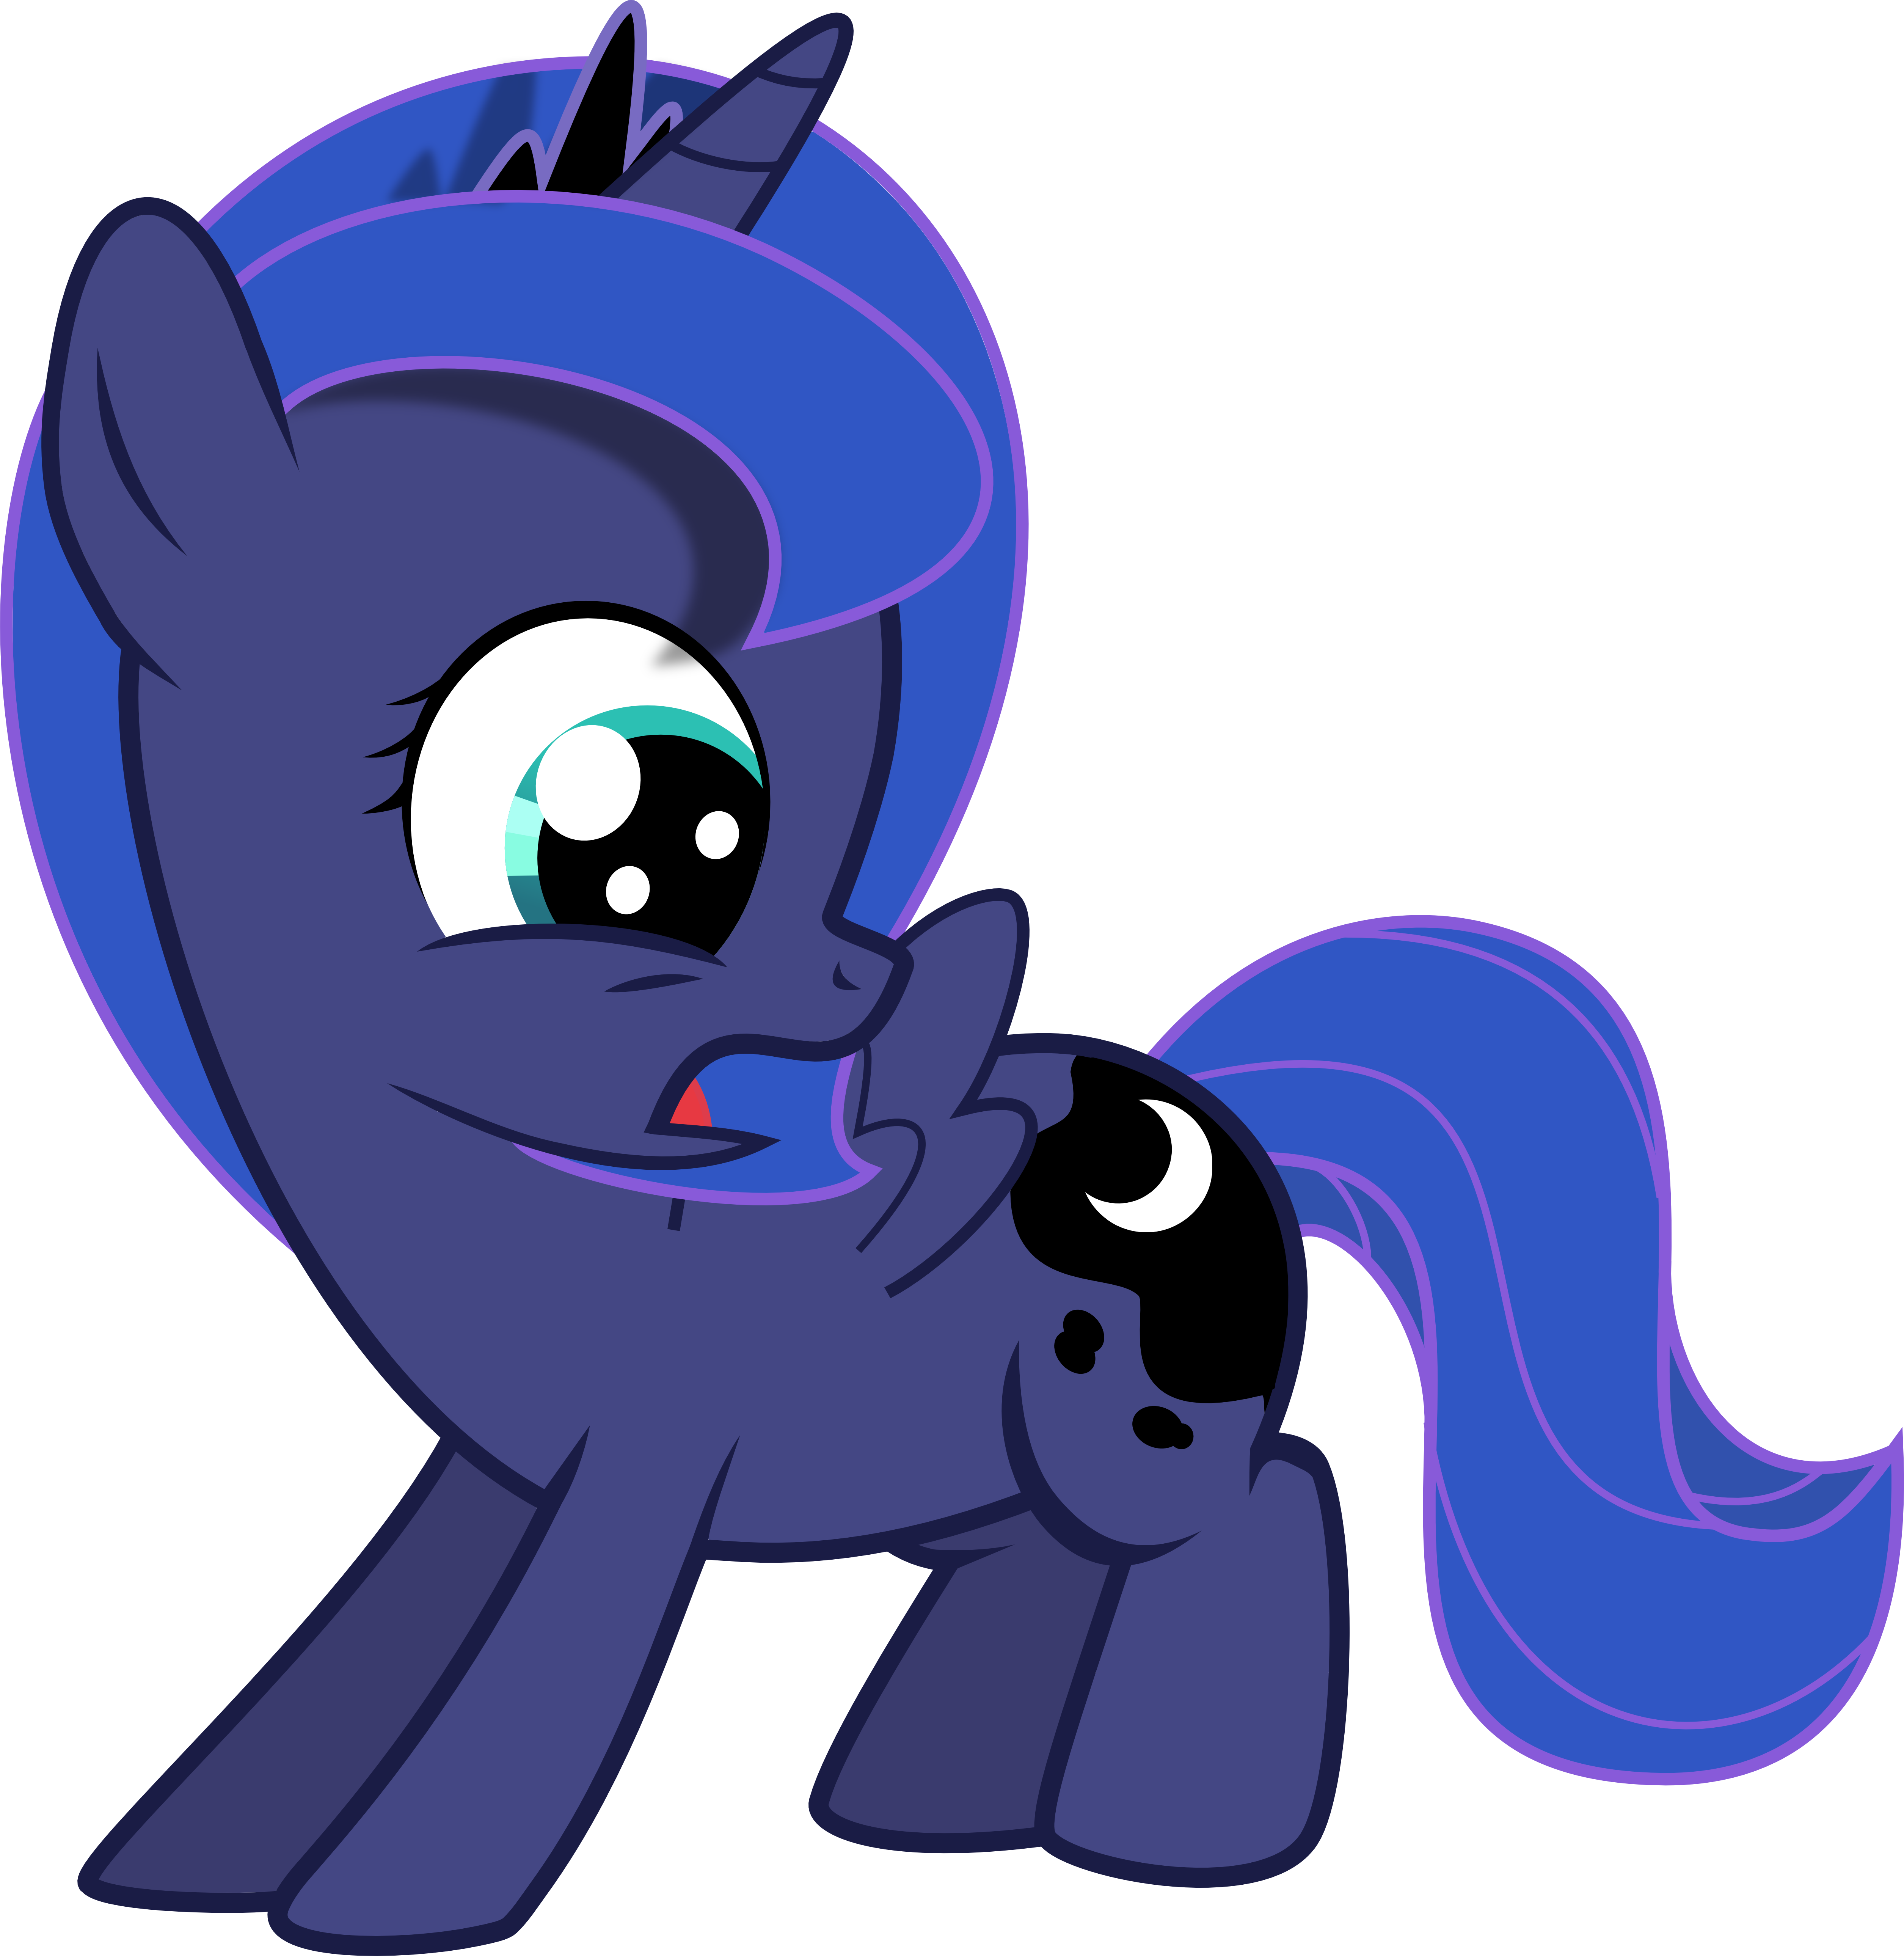 My little pony filly luna - photo#16